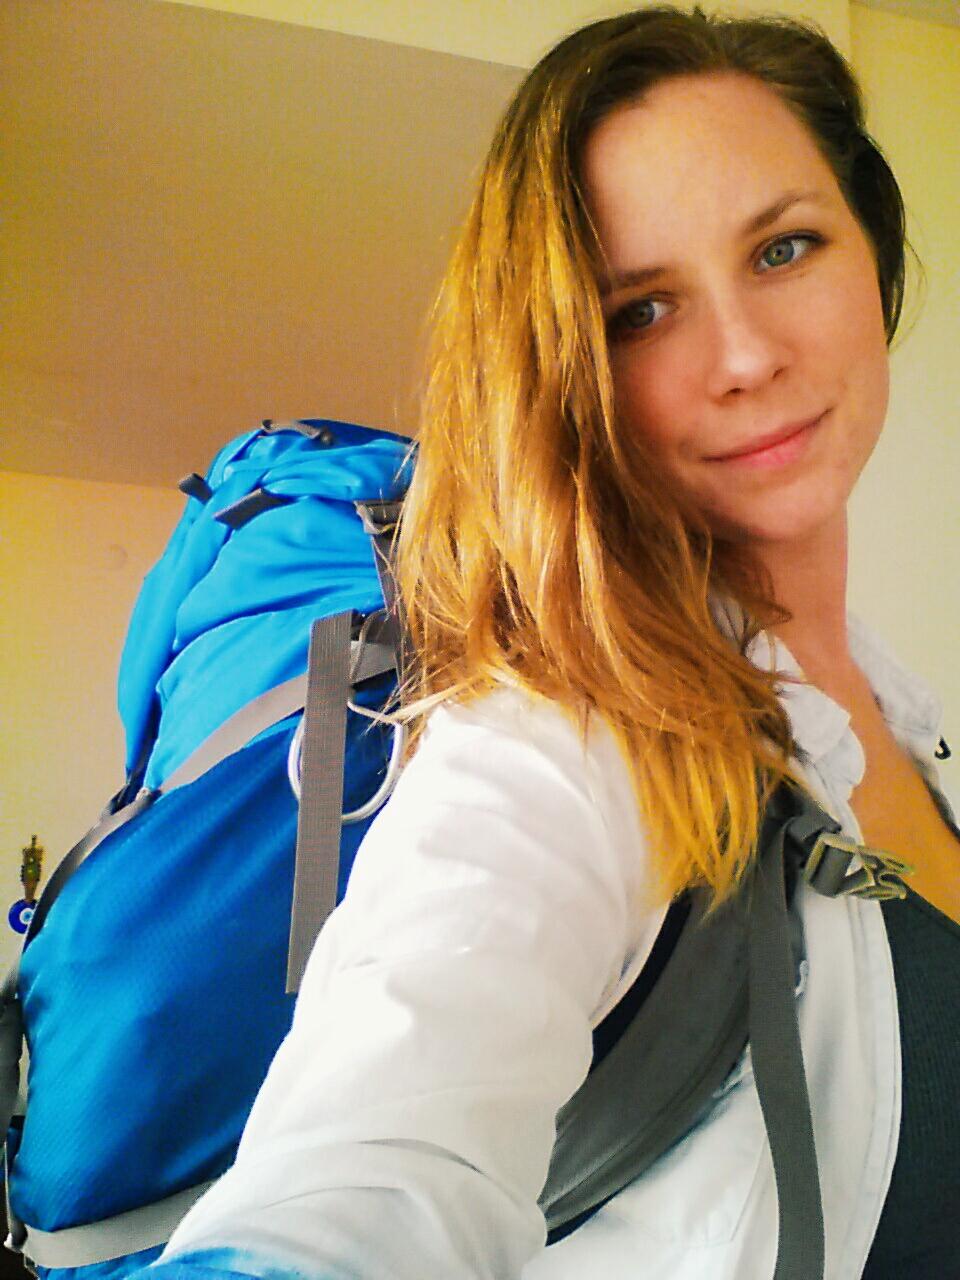 backpacking_adventures.jpg